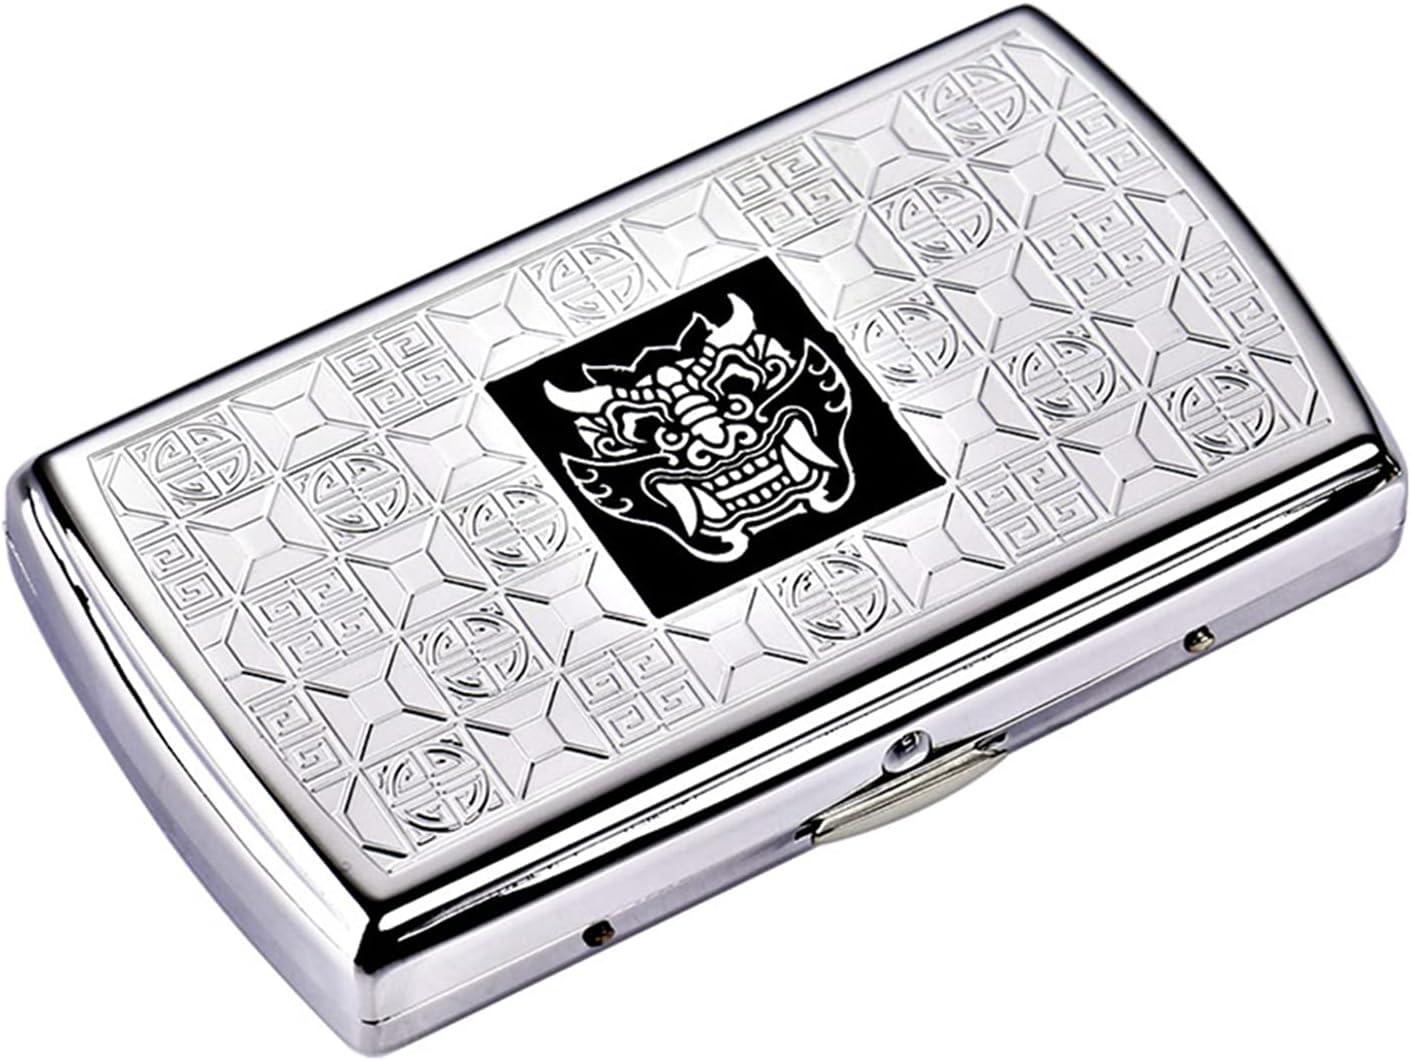 FXBH Copper Cigarette Case Ultra-Slim Bargain sale Proof Mo Ranking TOP9 Dust Personality